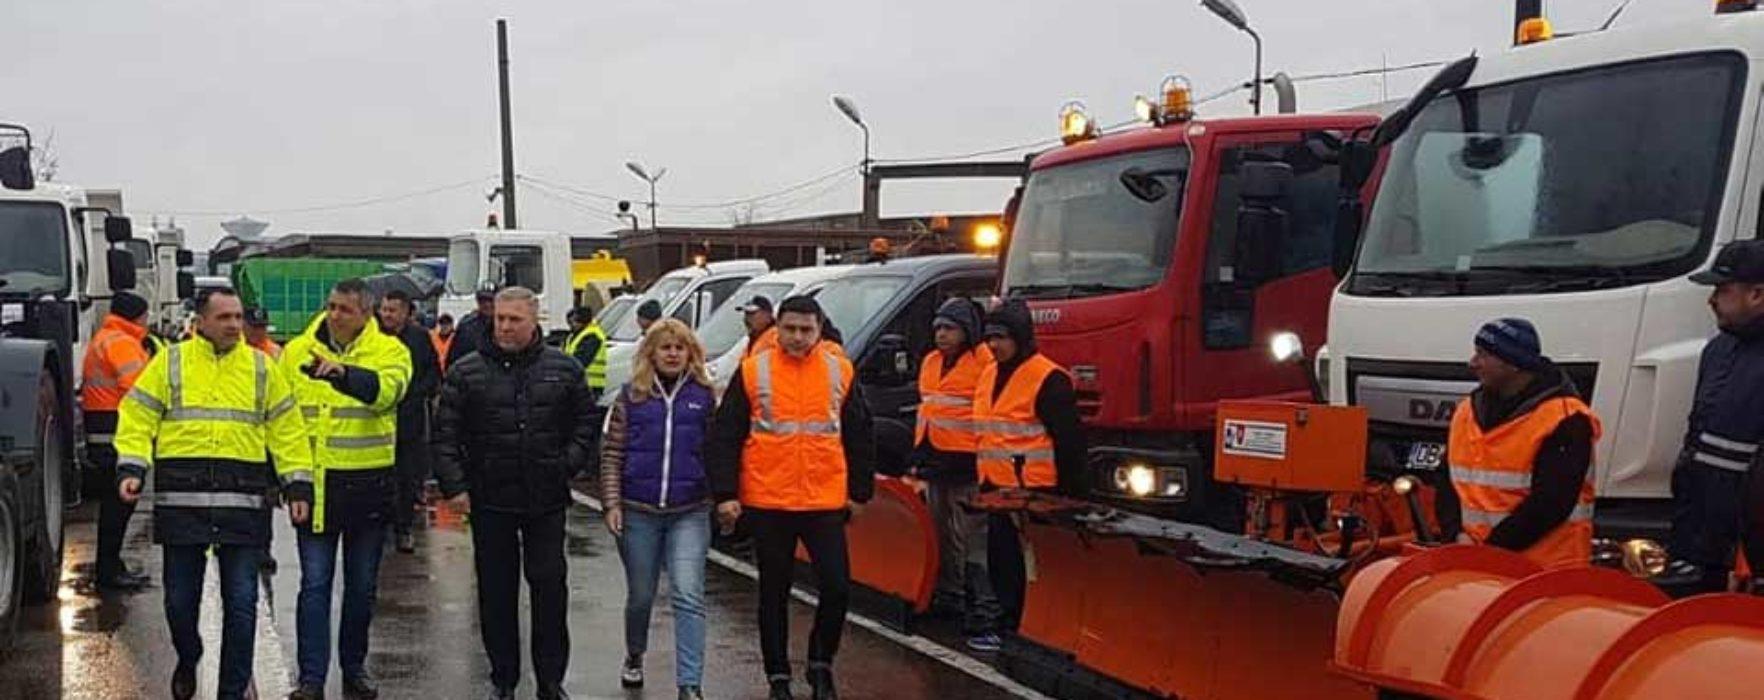 Primăria Târgovişte anunţă că autorităţile sunt pregătite pentru venirea iernii